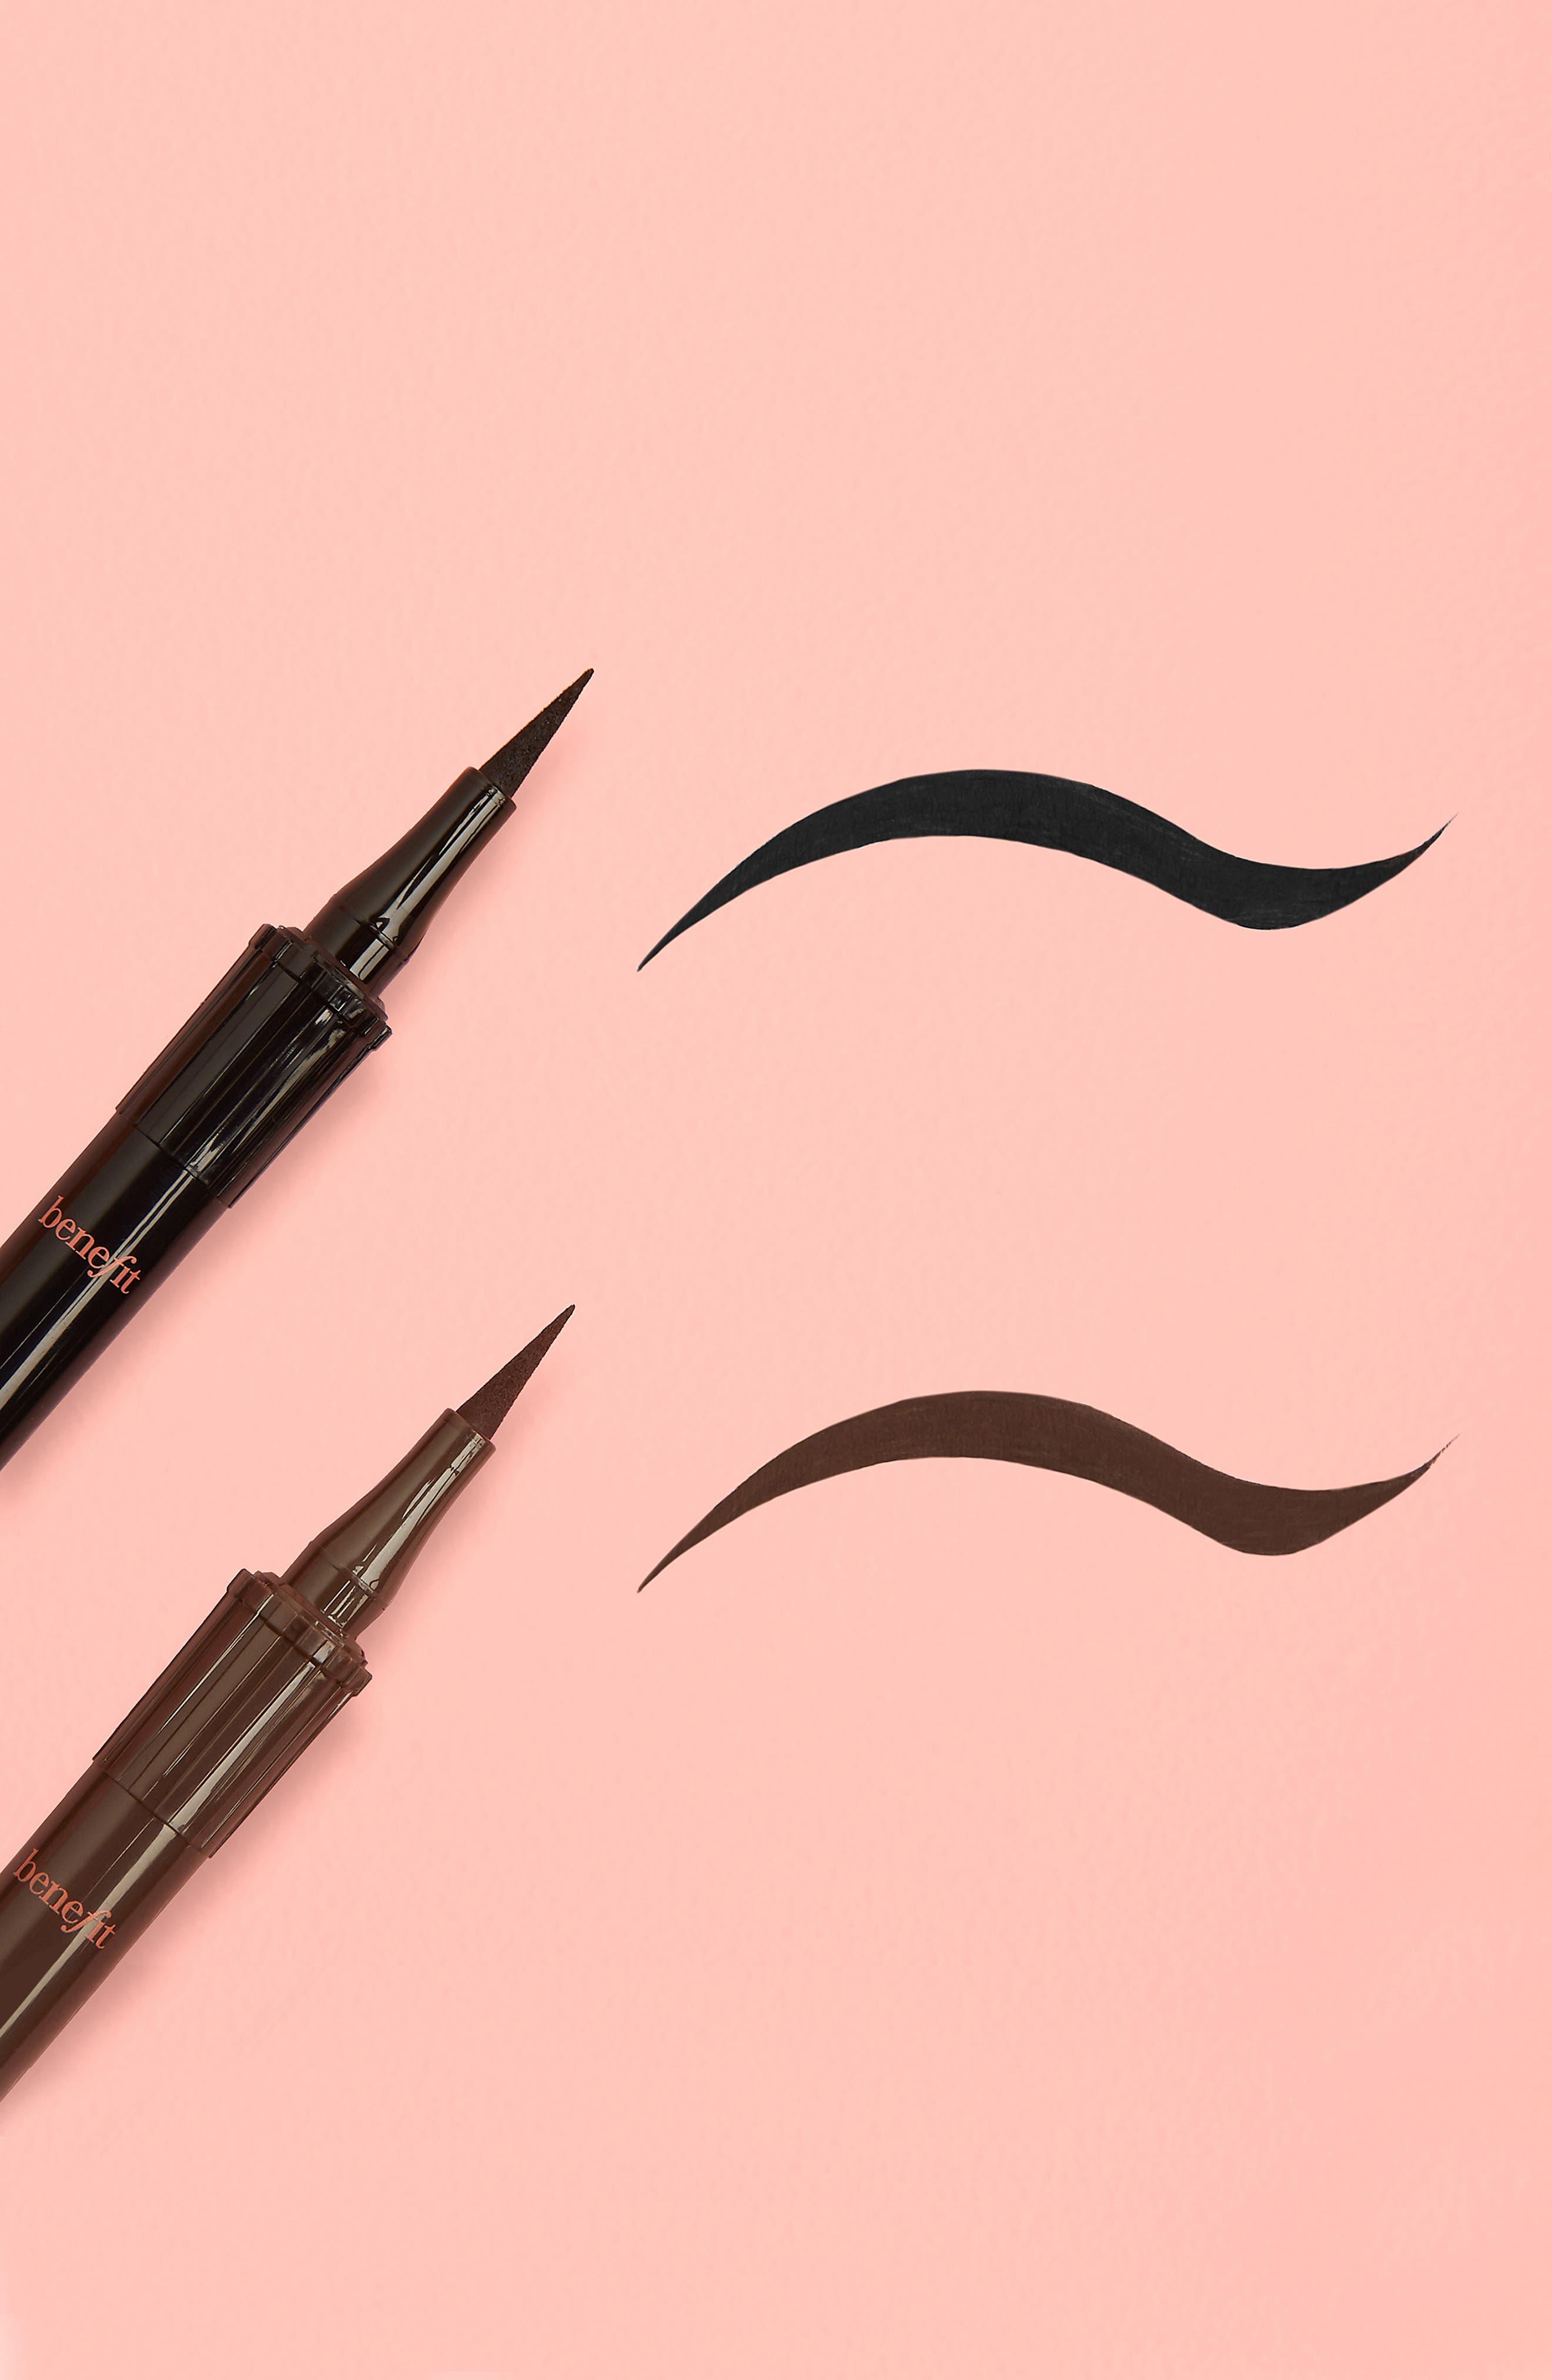 Benefit Roller Liner Matte Liquid Eyeliner,                             Alternate thumbnail 3, color,                             BLACK